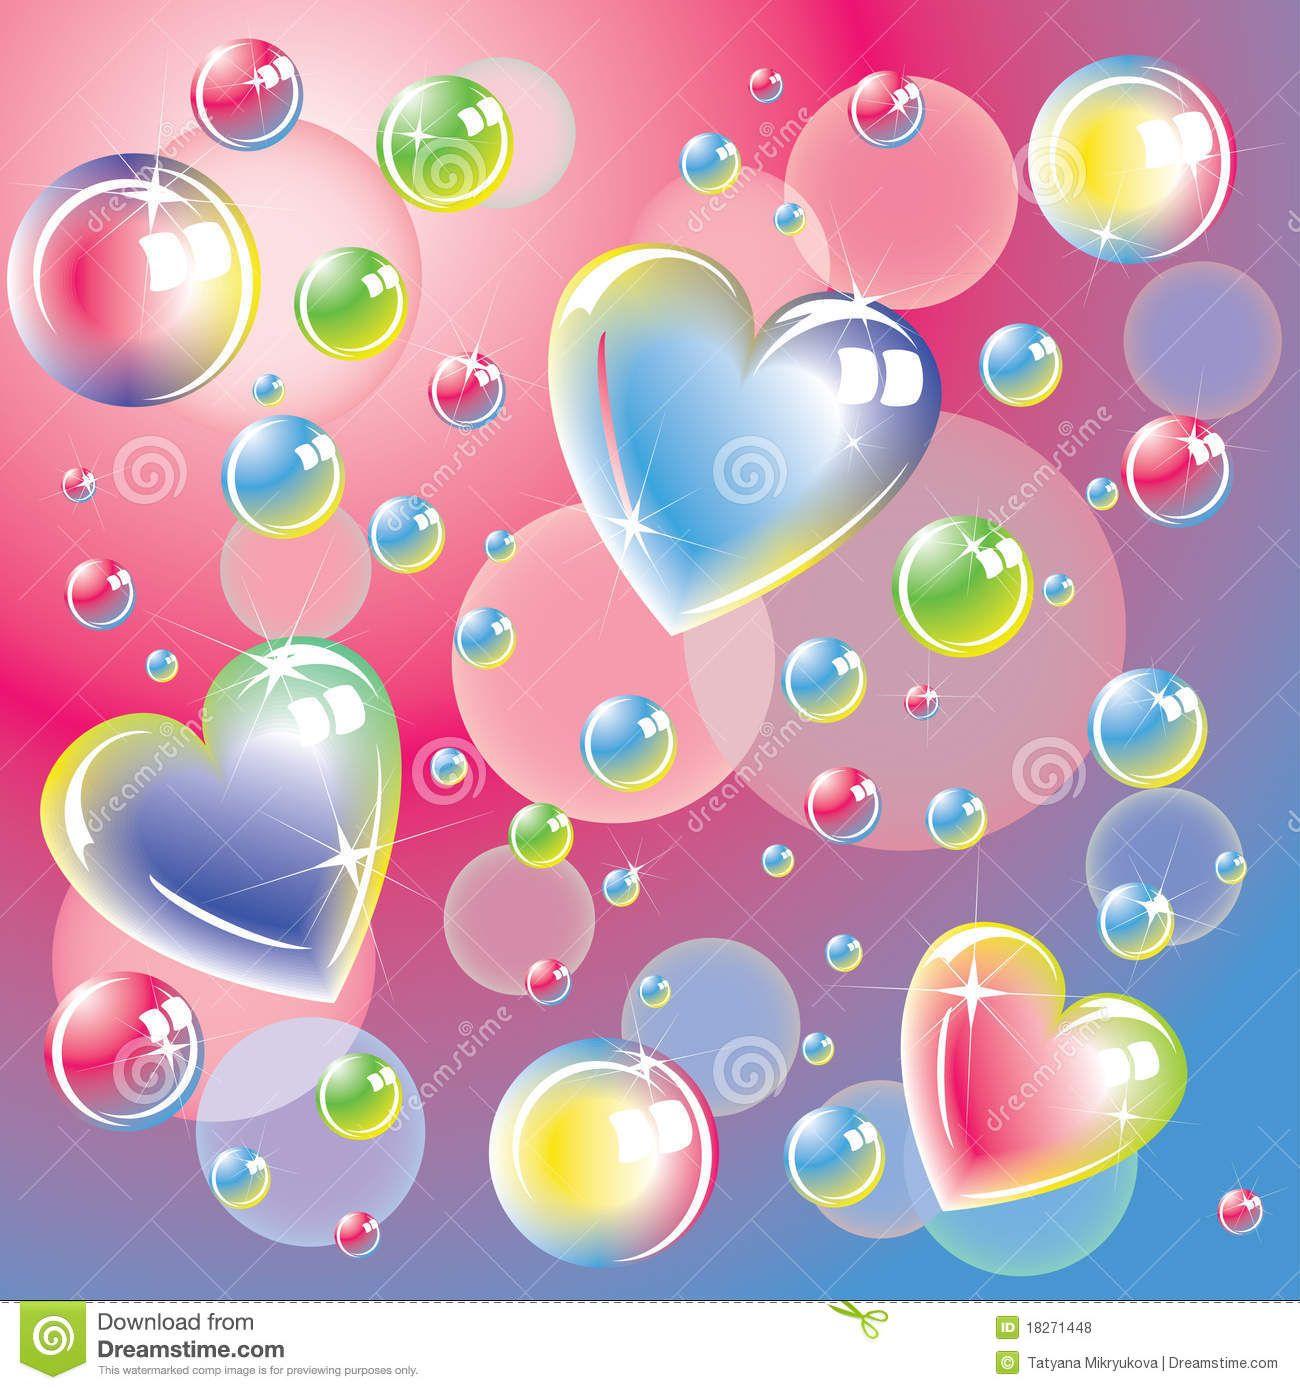 corazones de colores fondo - photo #41